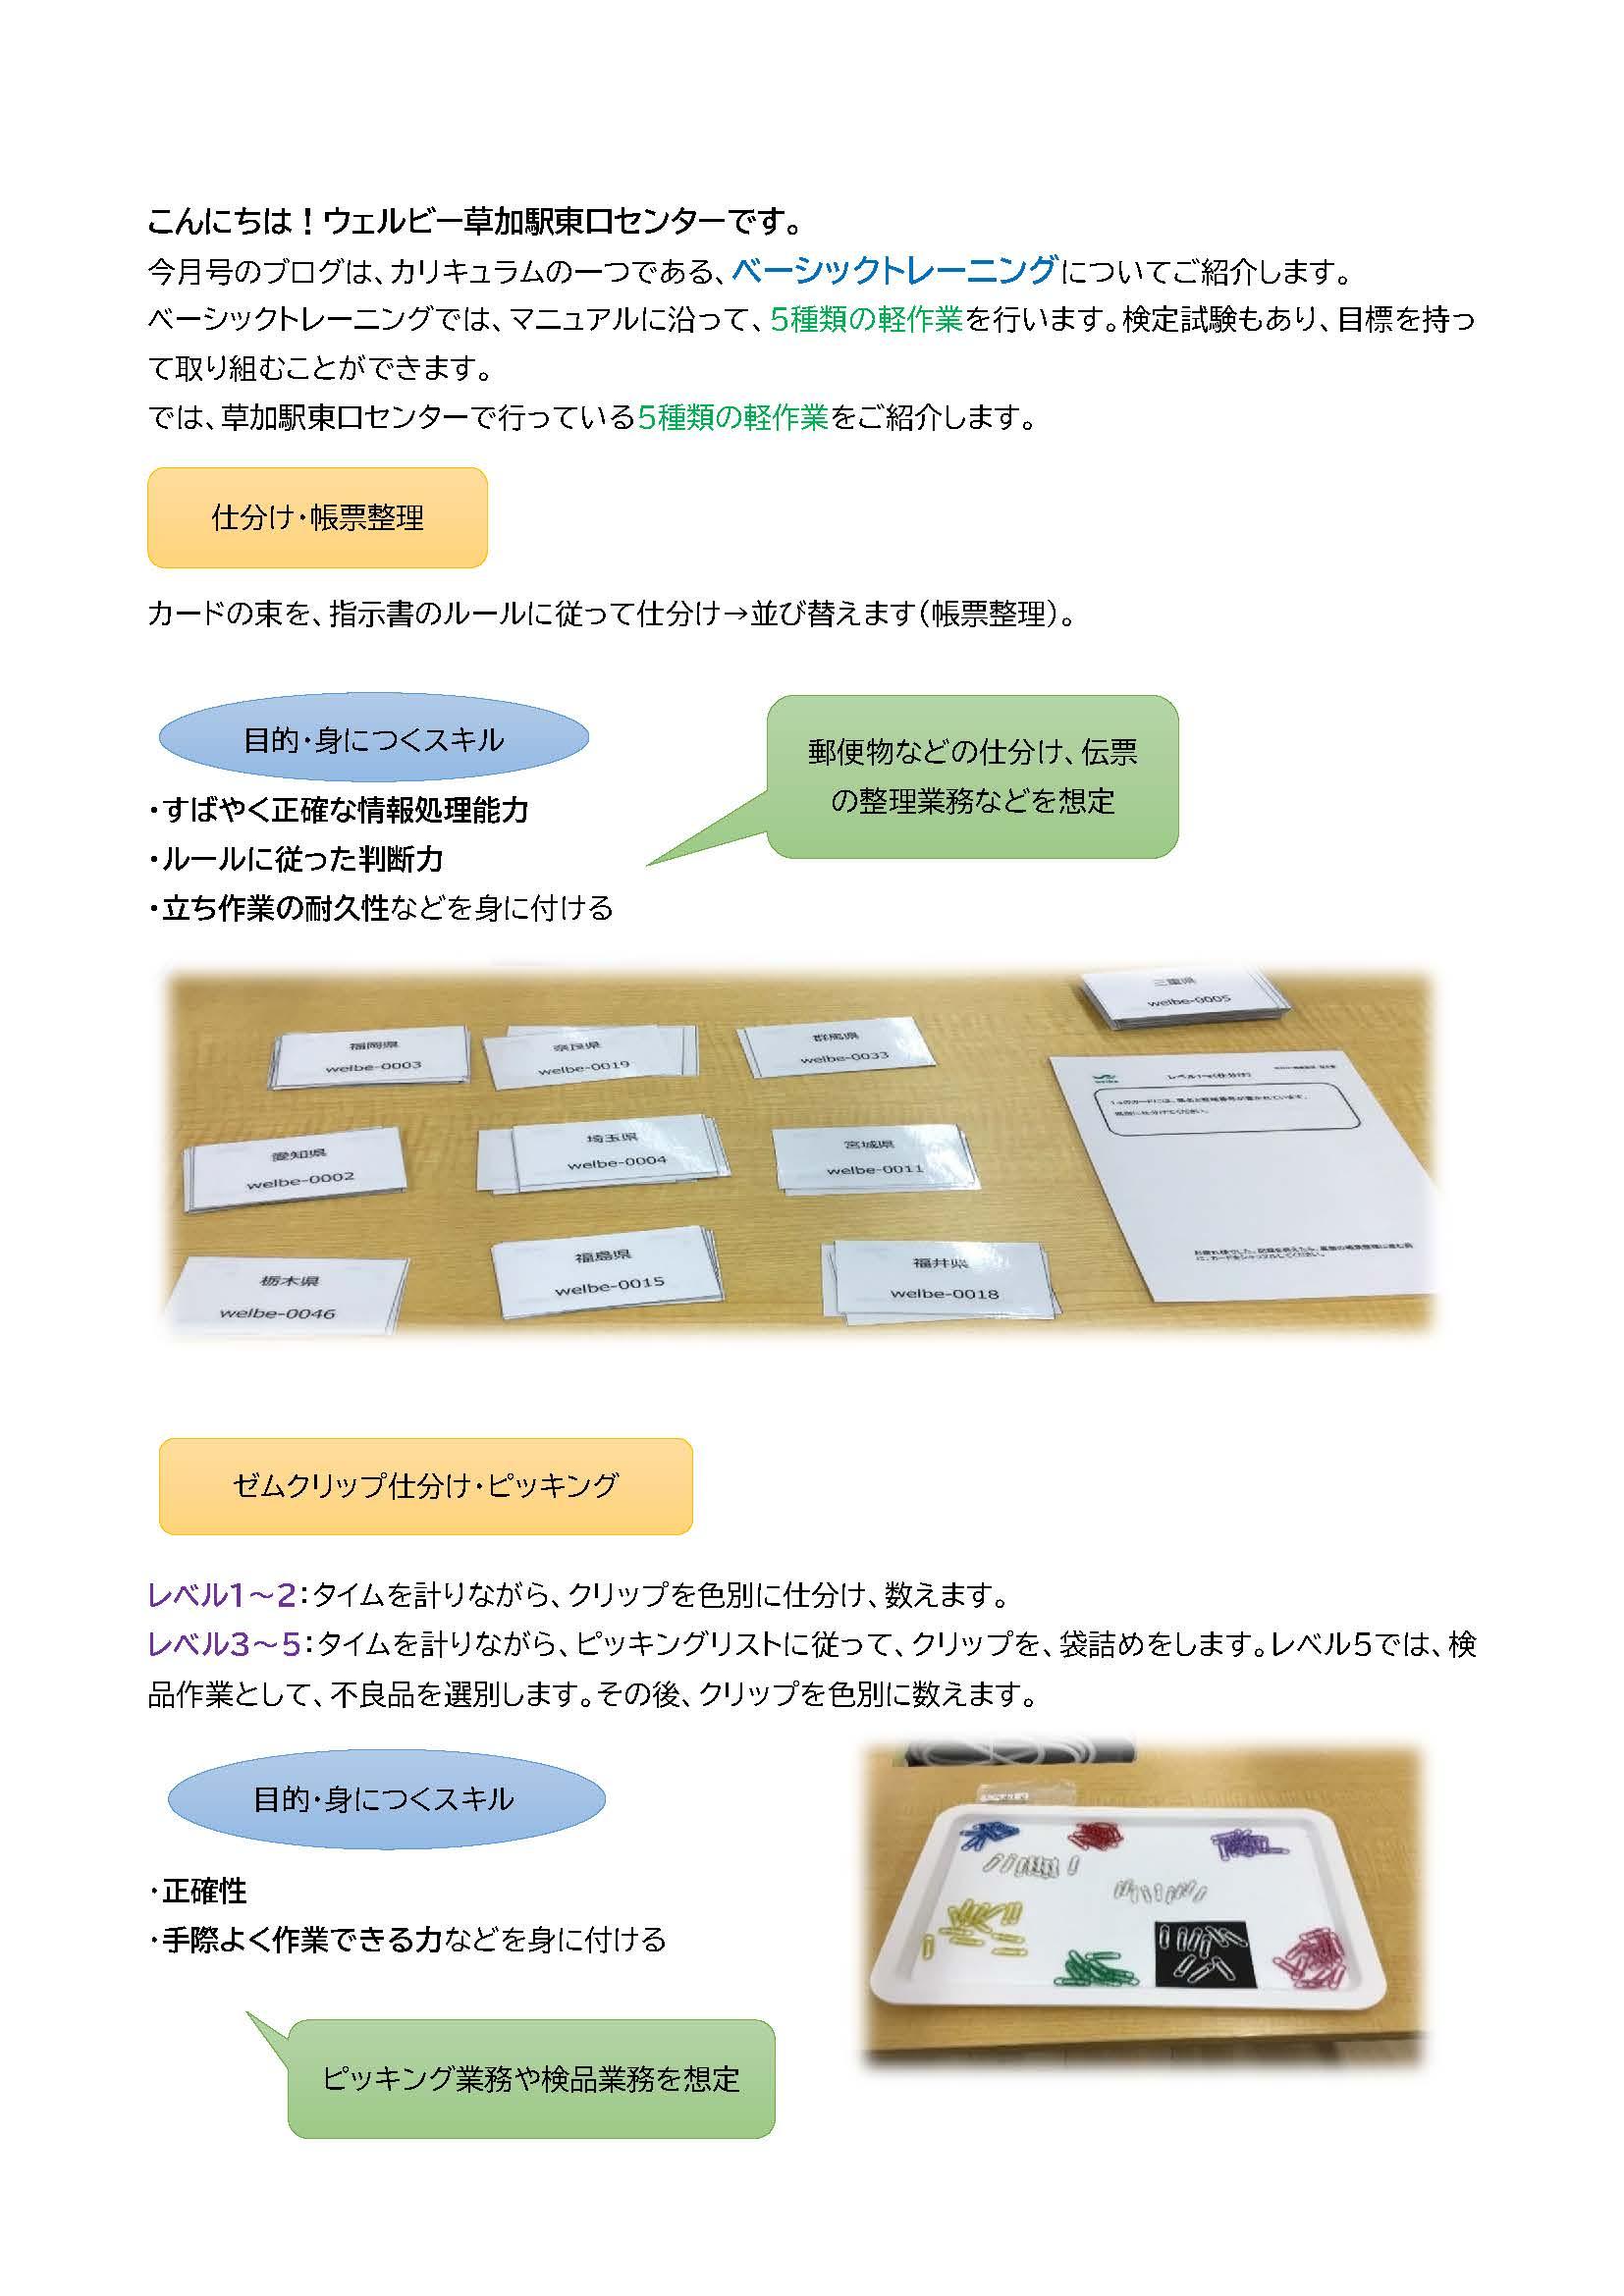 【ウェブ掲載】9月草加駅東口センター_ページ_1